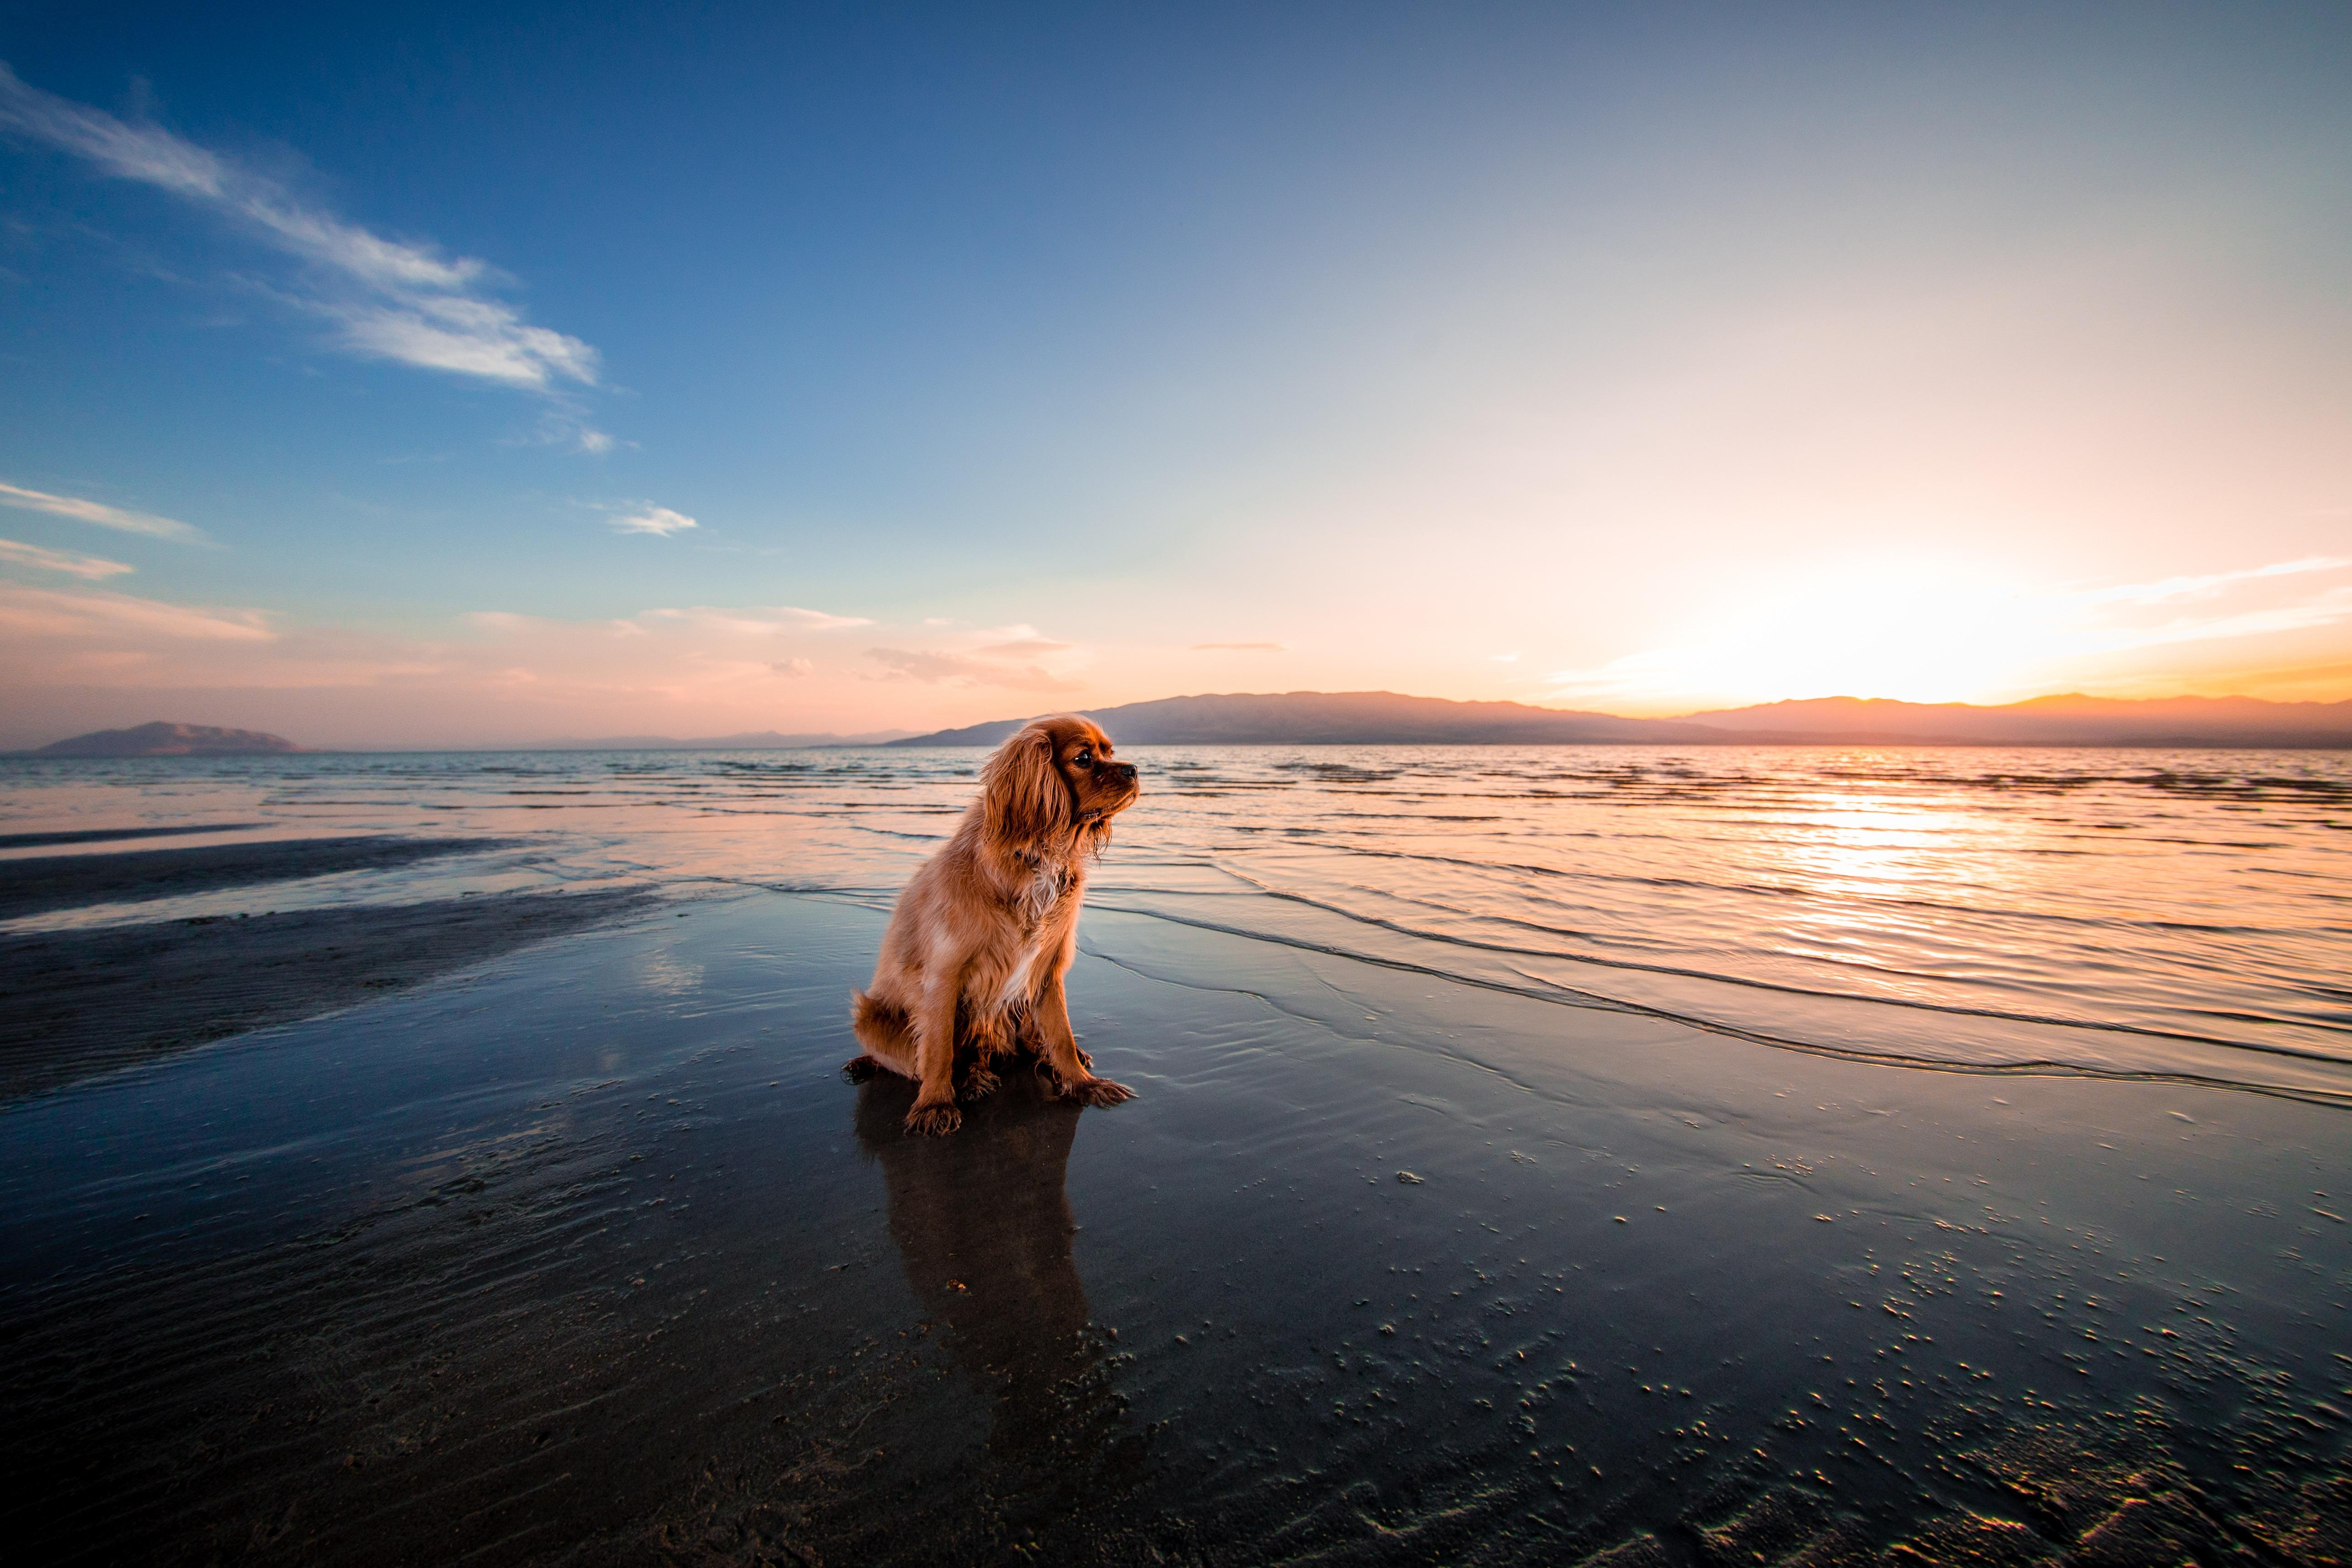 sunrise dog ocean 1574938184 - Sunrise Dog Ocean -